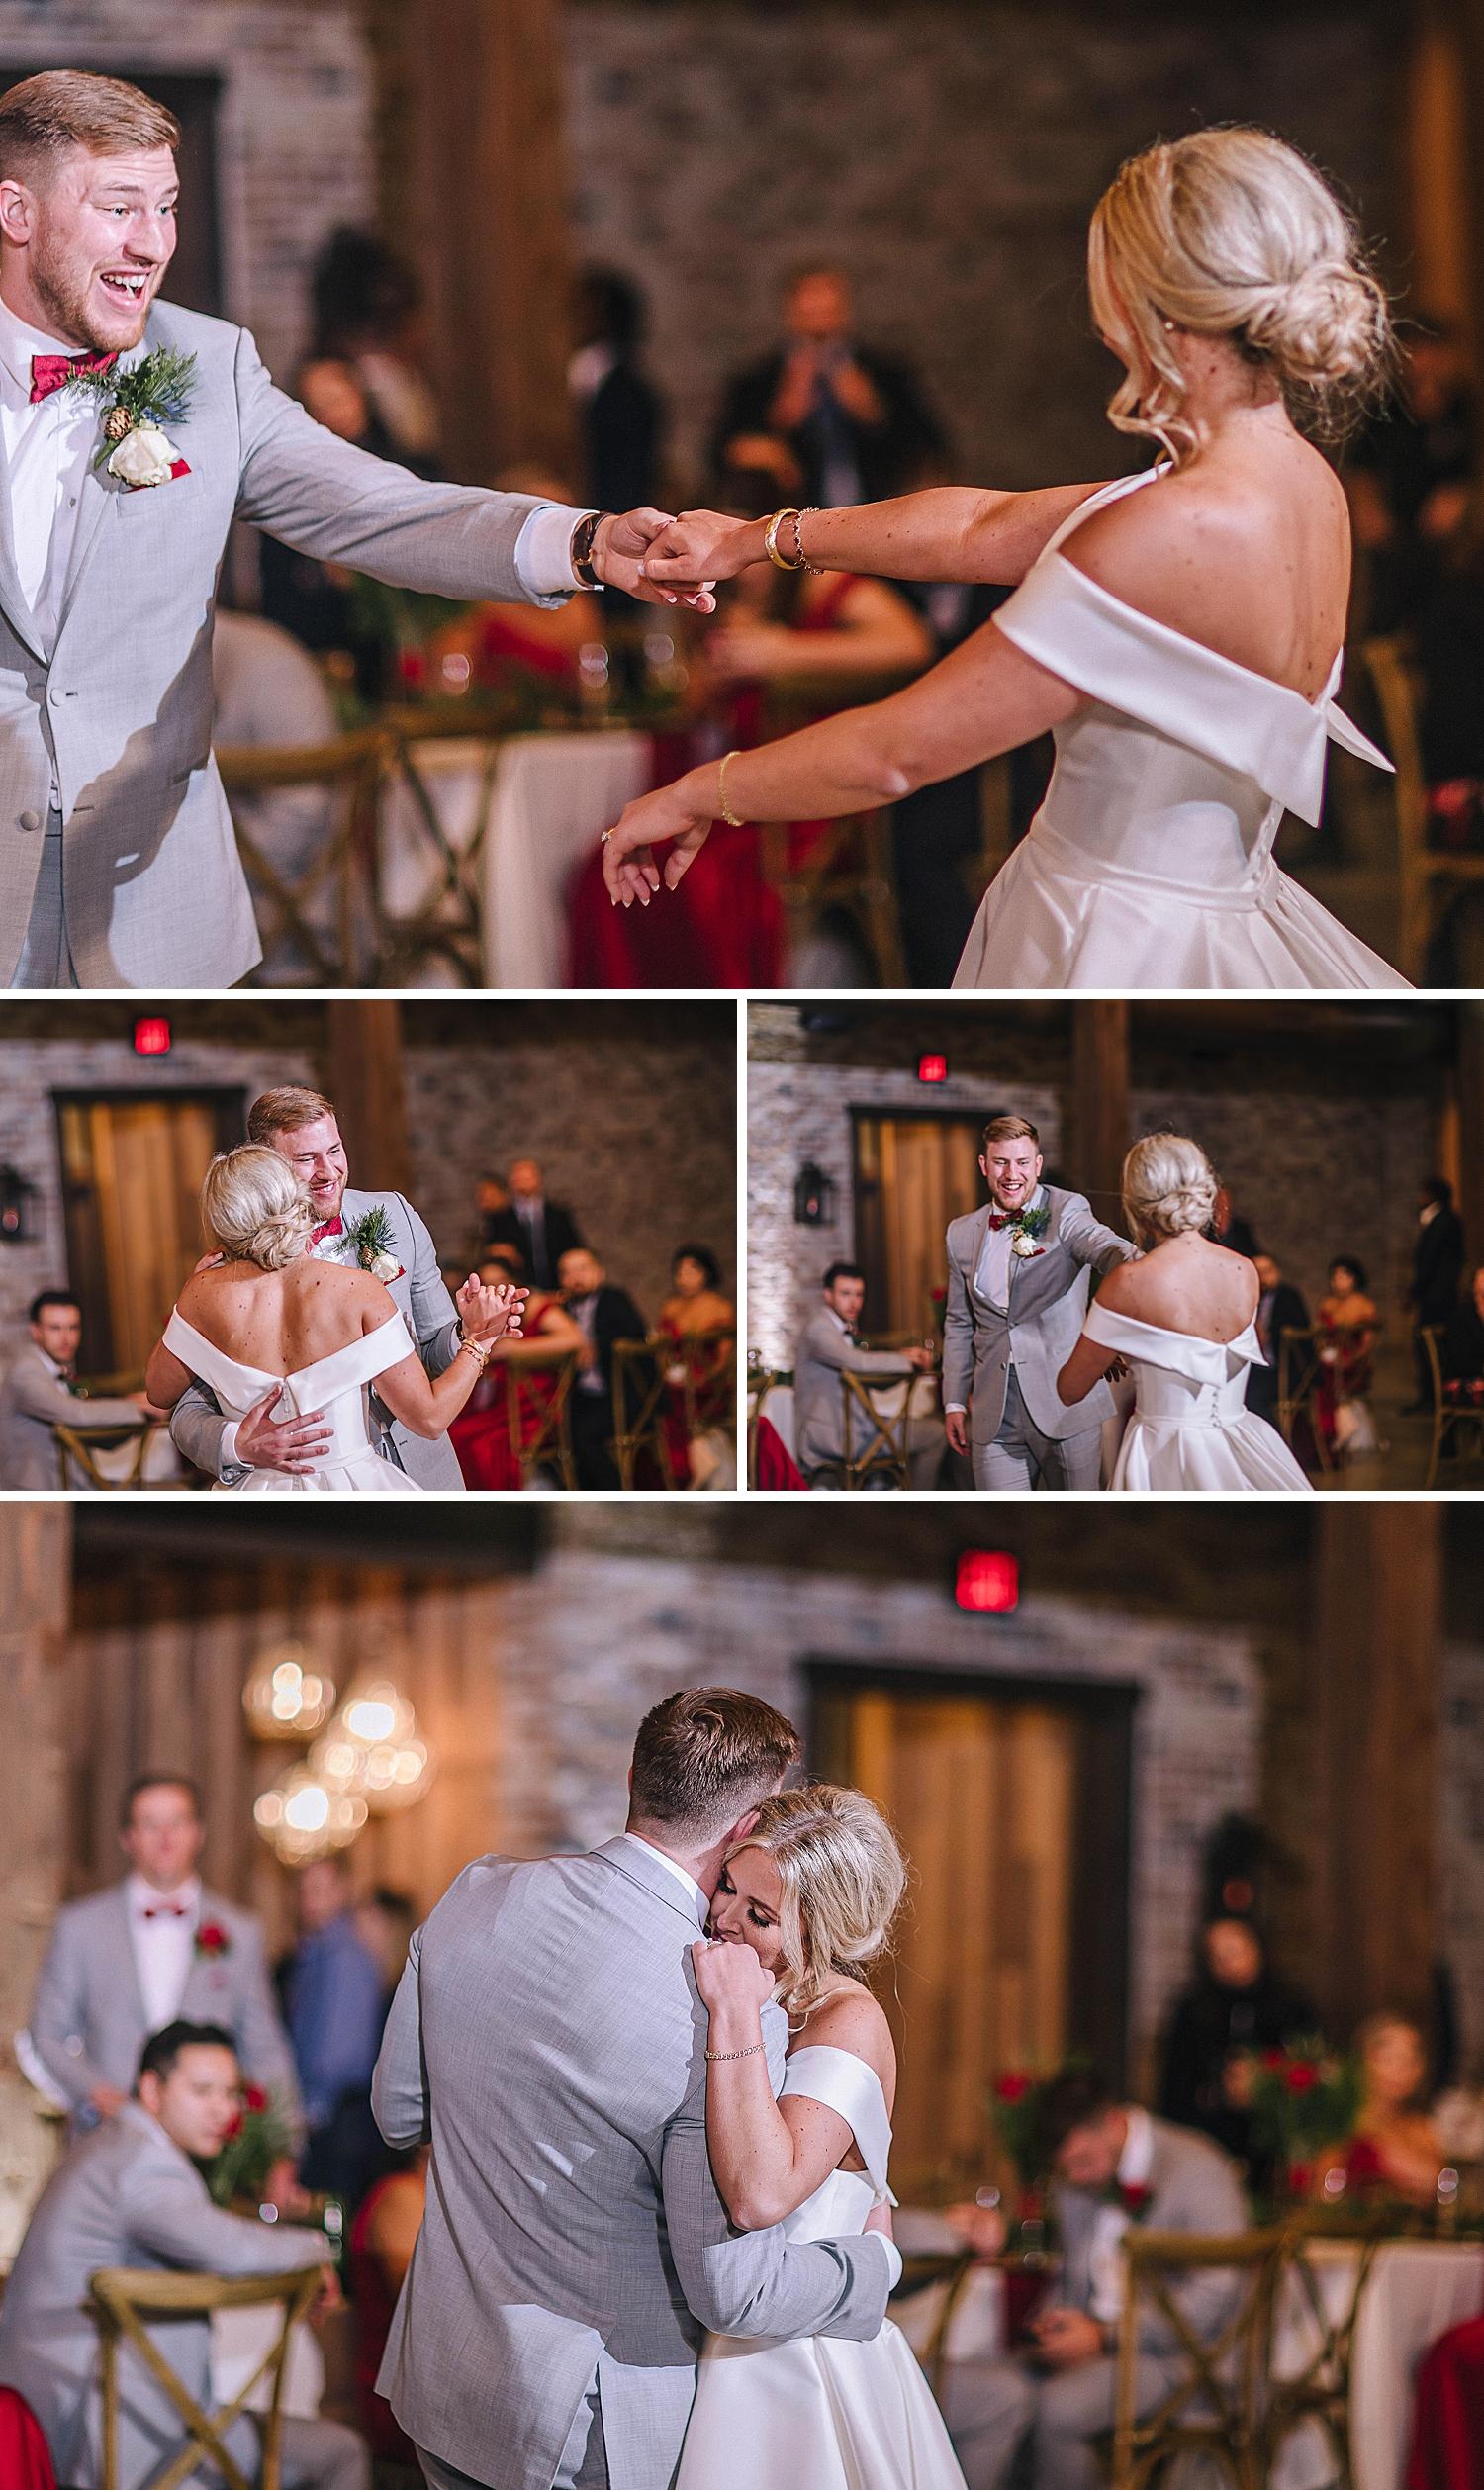 College-Station-Aggie-Wedding-The-Weinberg-at-Wixon-Valley-Christmas-Hallmark-Wedding_0128.jpg